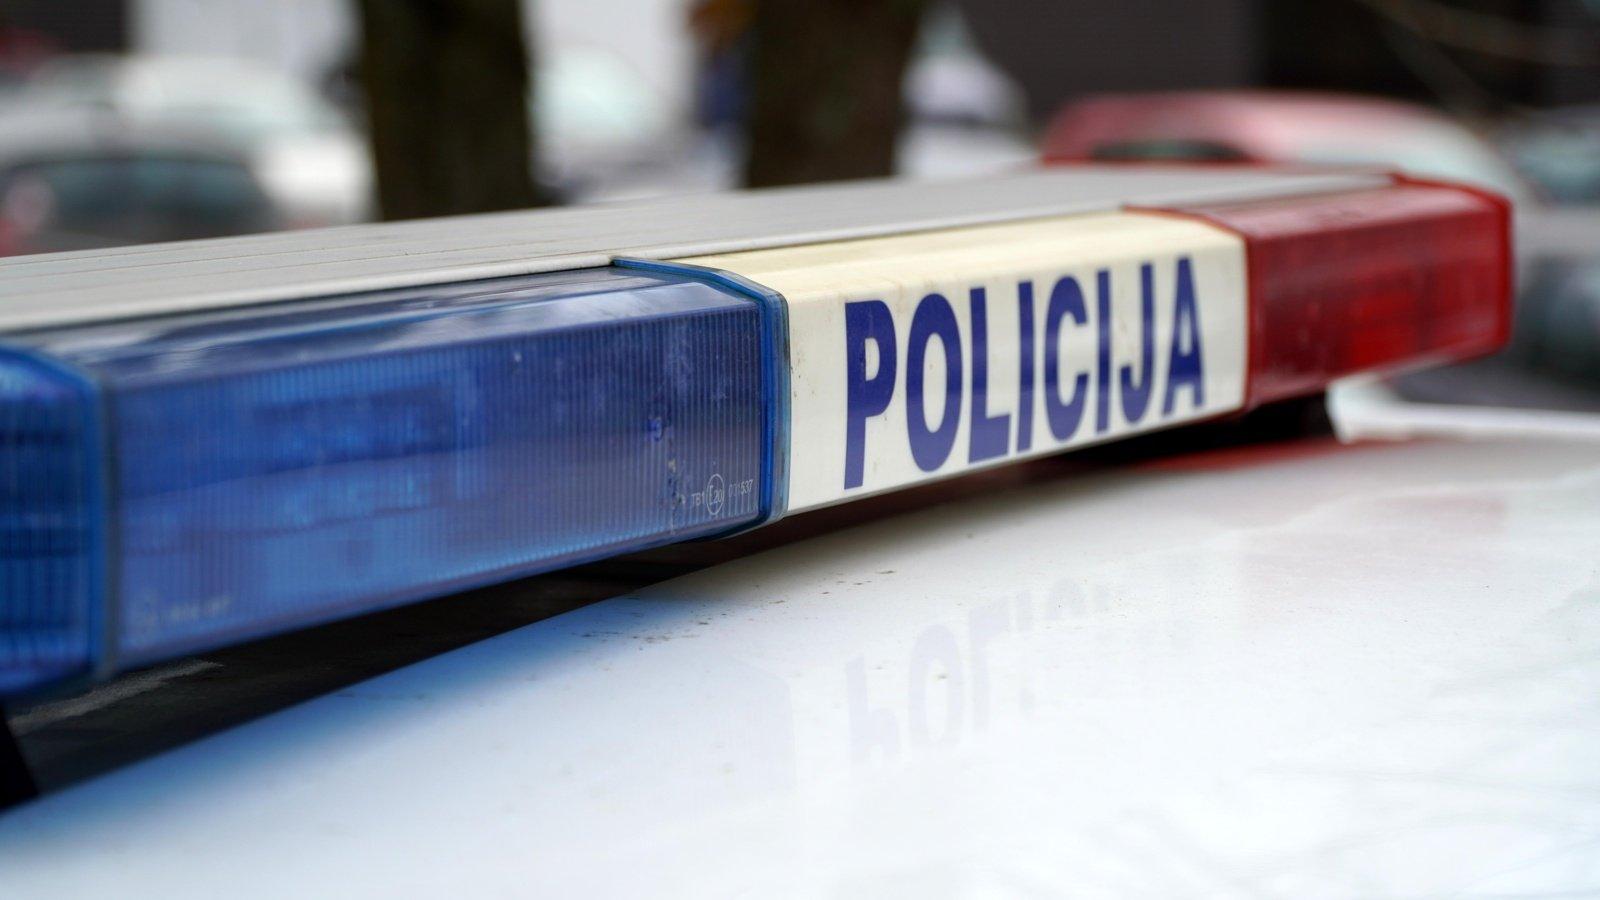 Panevėžio kriminalai: vagystė, eismo įvykis ir mirtys